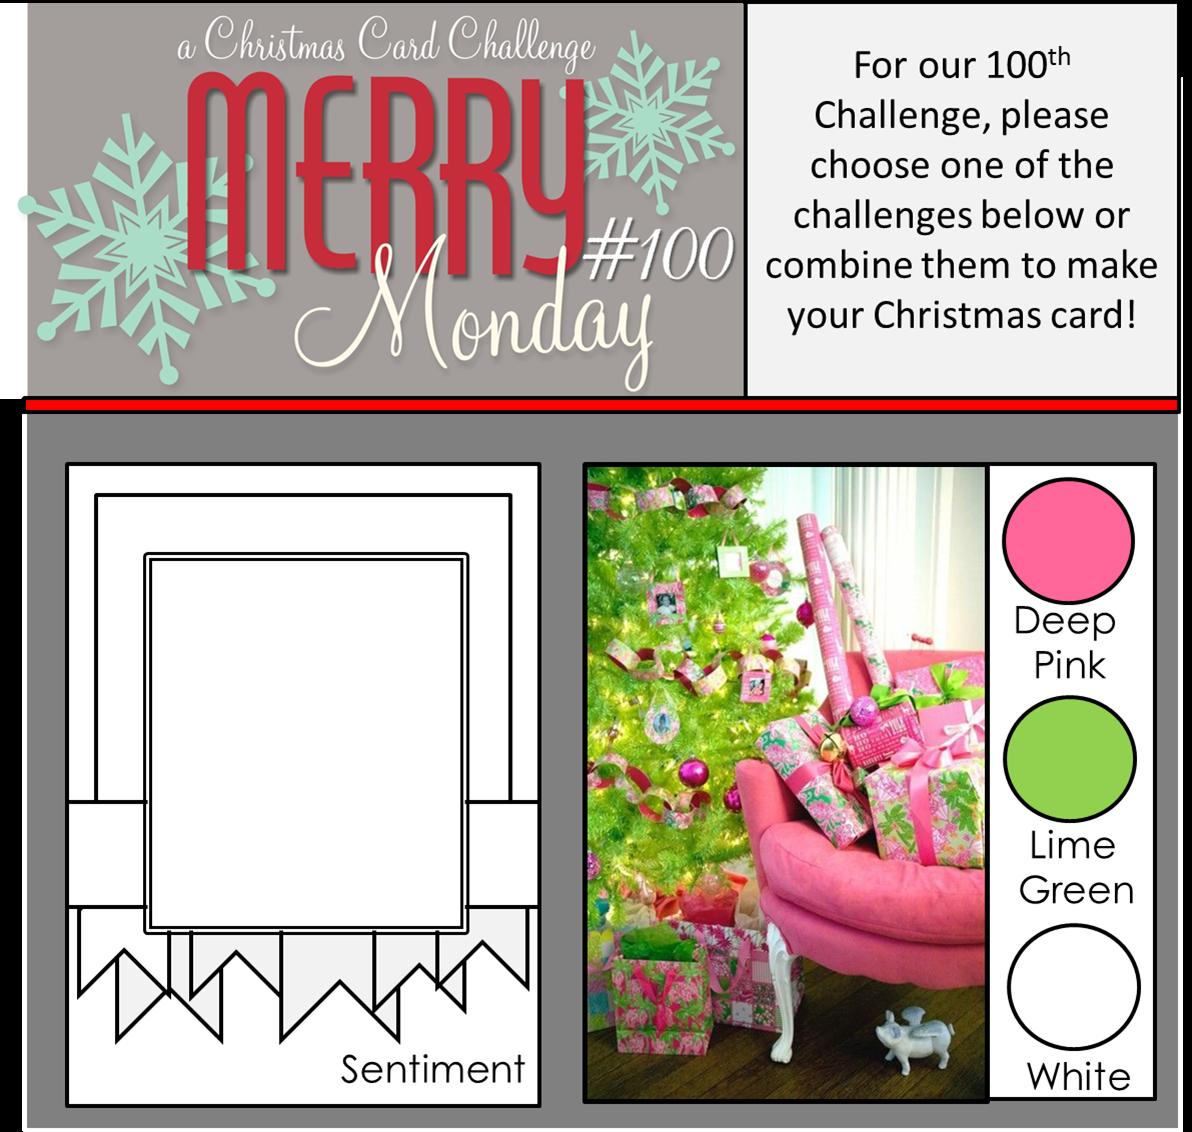 http://merrymondaychristmaschallenge.blogspot.ca/